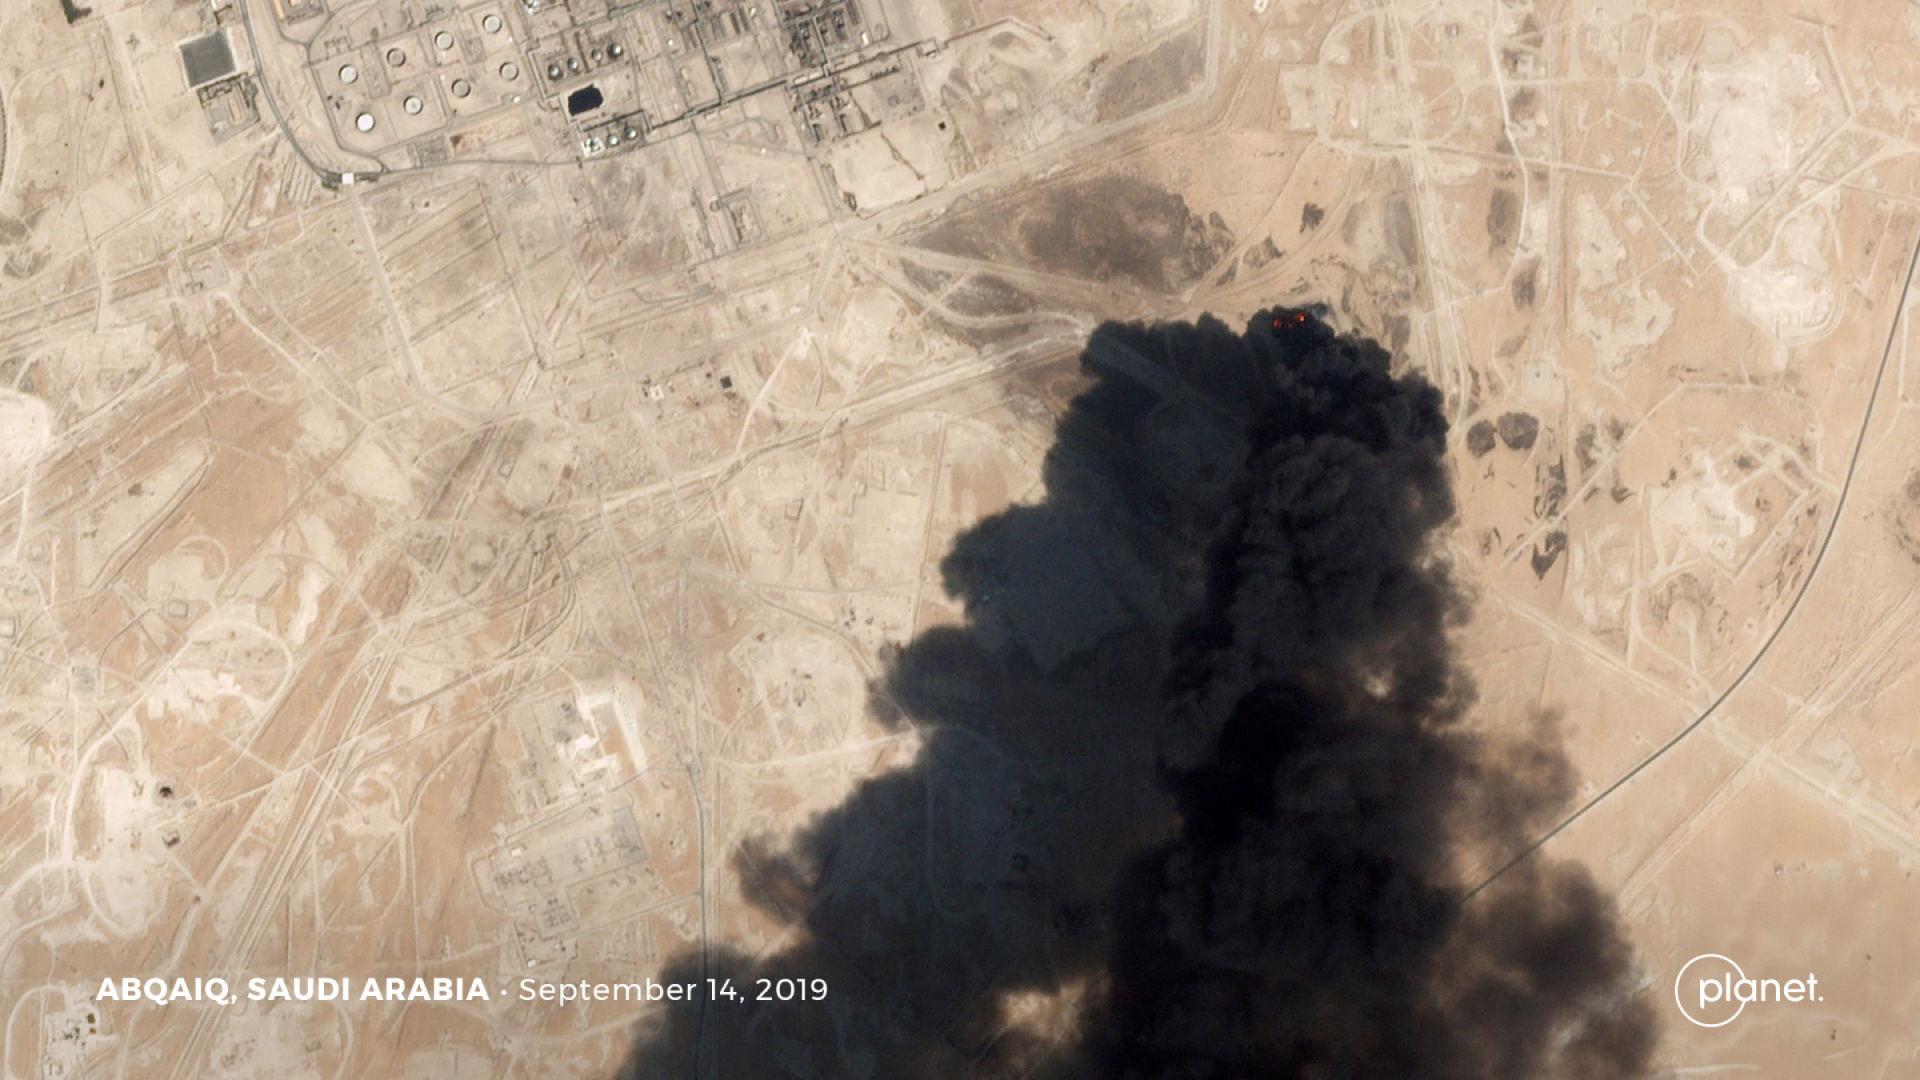 persijos įlankos karo strategija sustabdyti akcijų pasirinkimo nuostolius